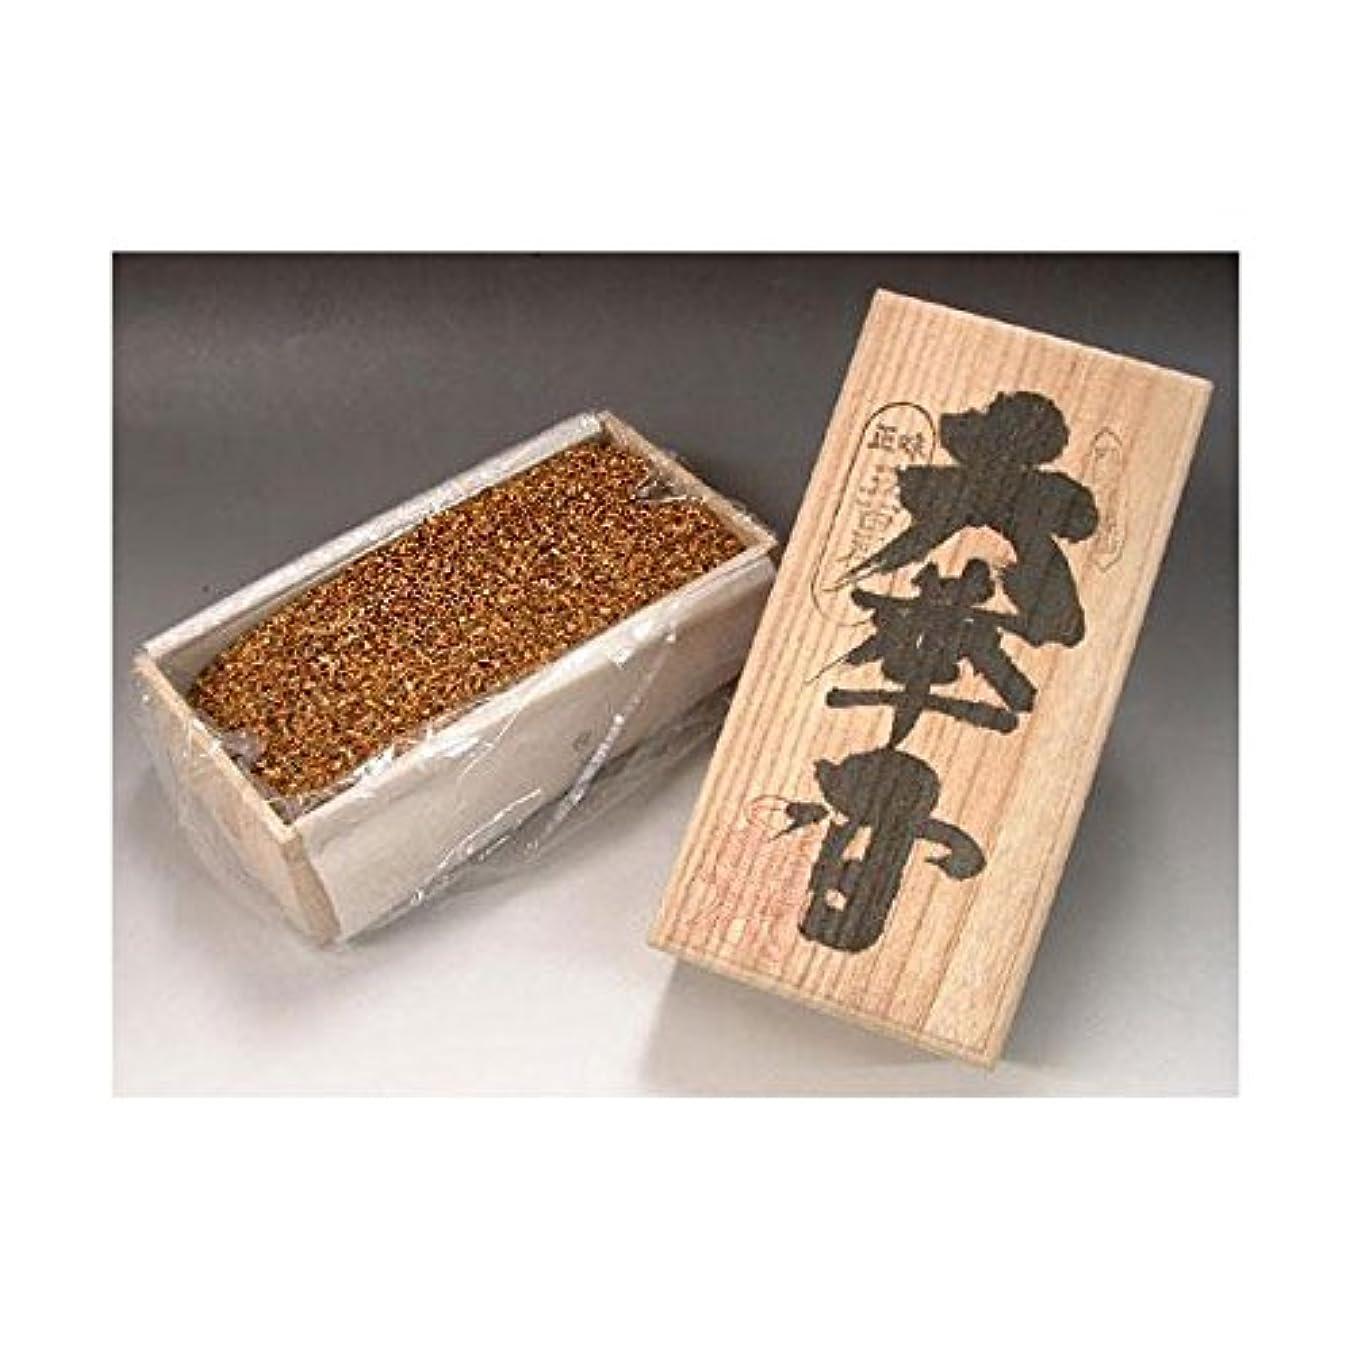 現代の補う電子レンジ焼香 天華香(テンカコウ)500g桐箱入